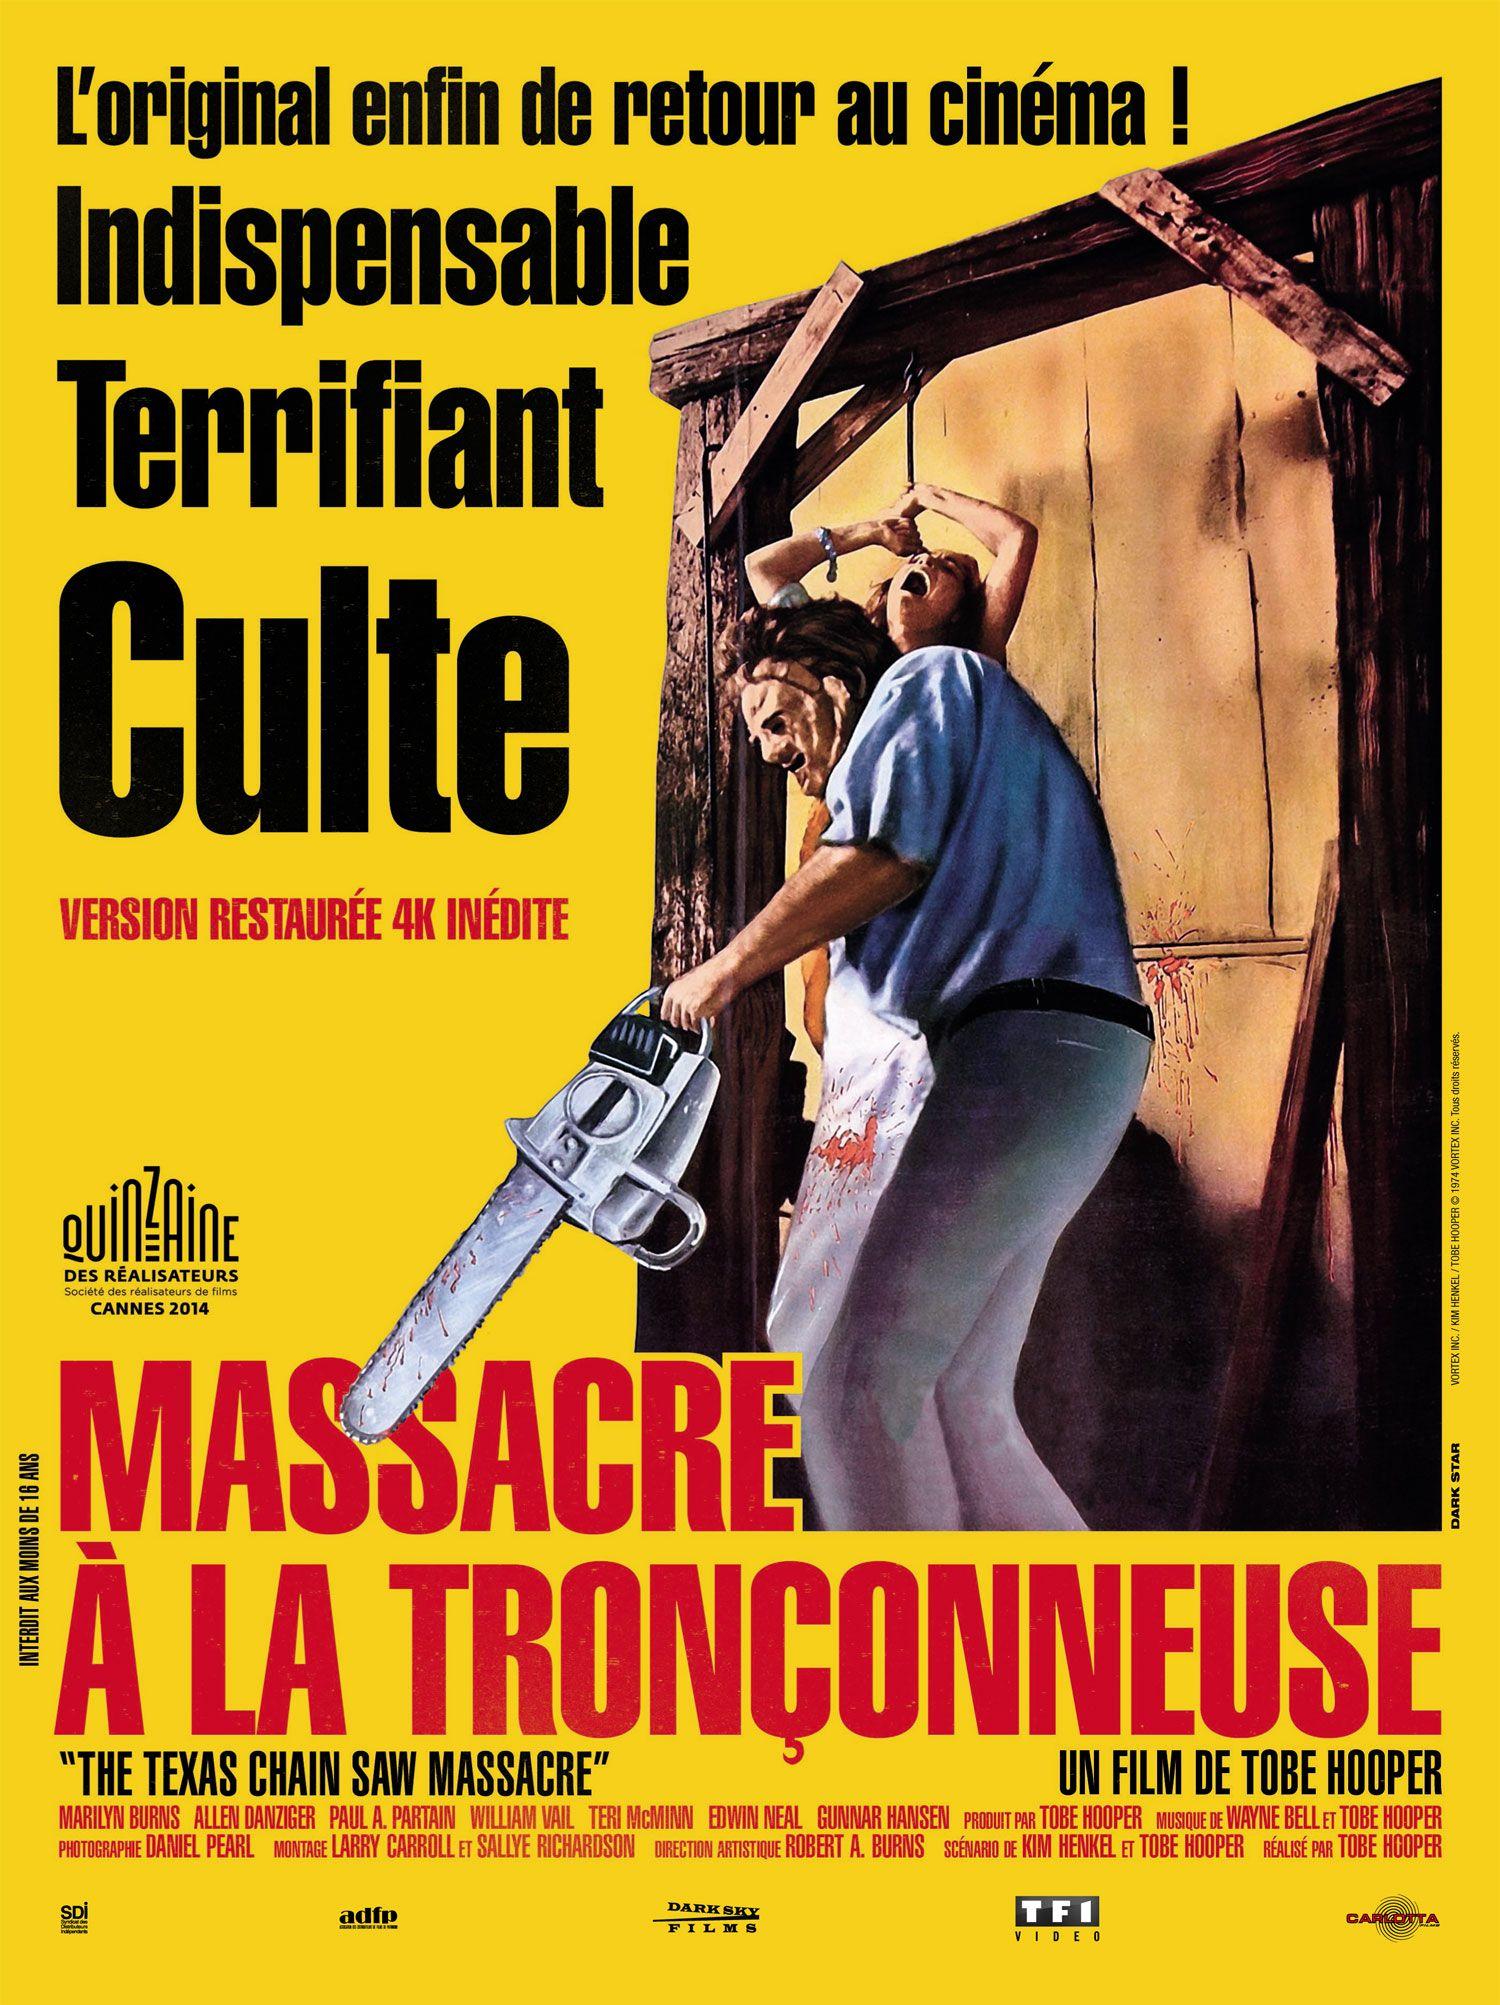 https://media.senscritique.com/media/000008213177/source_big/Massacre_a_la_tronconneuse.jpg